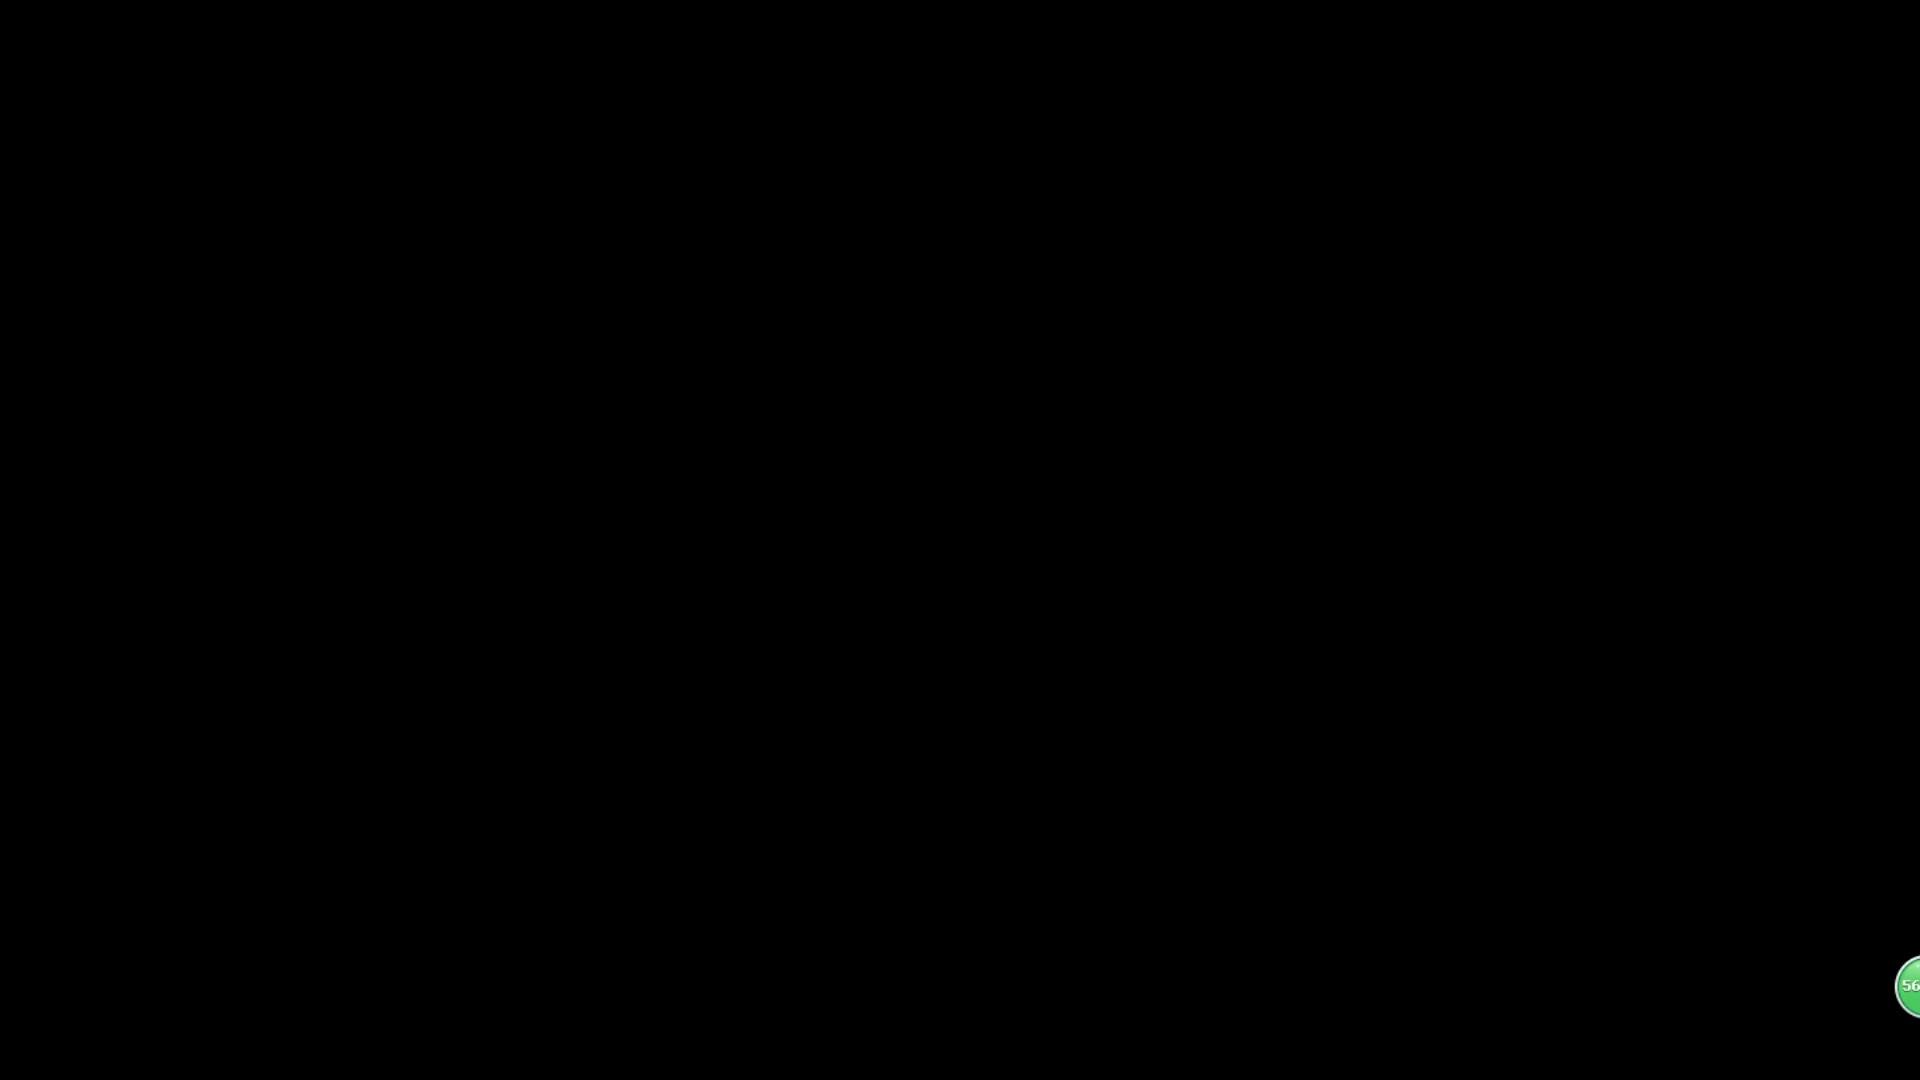 エポキシ樹脂絶縁体、静的接触電圧マニュアル注ぐエポキシ金型